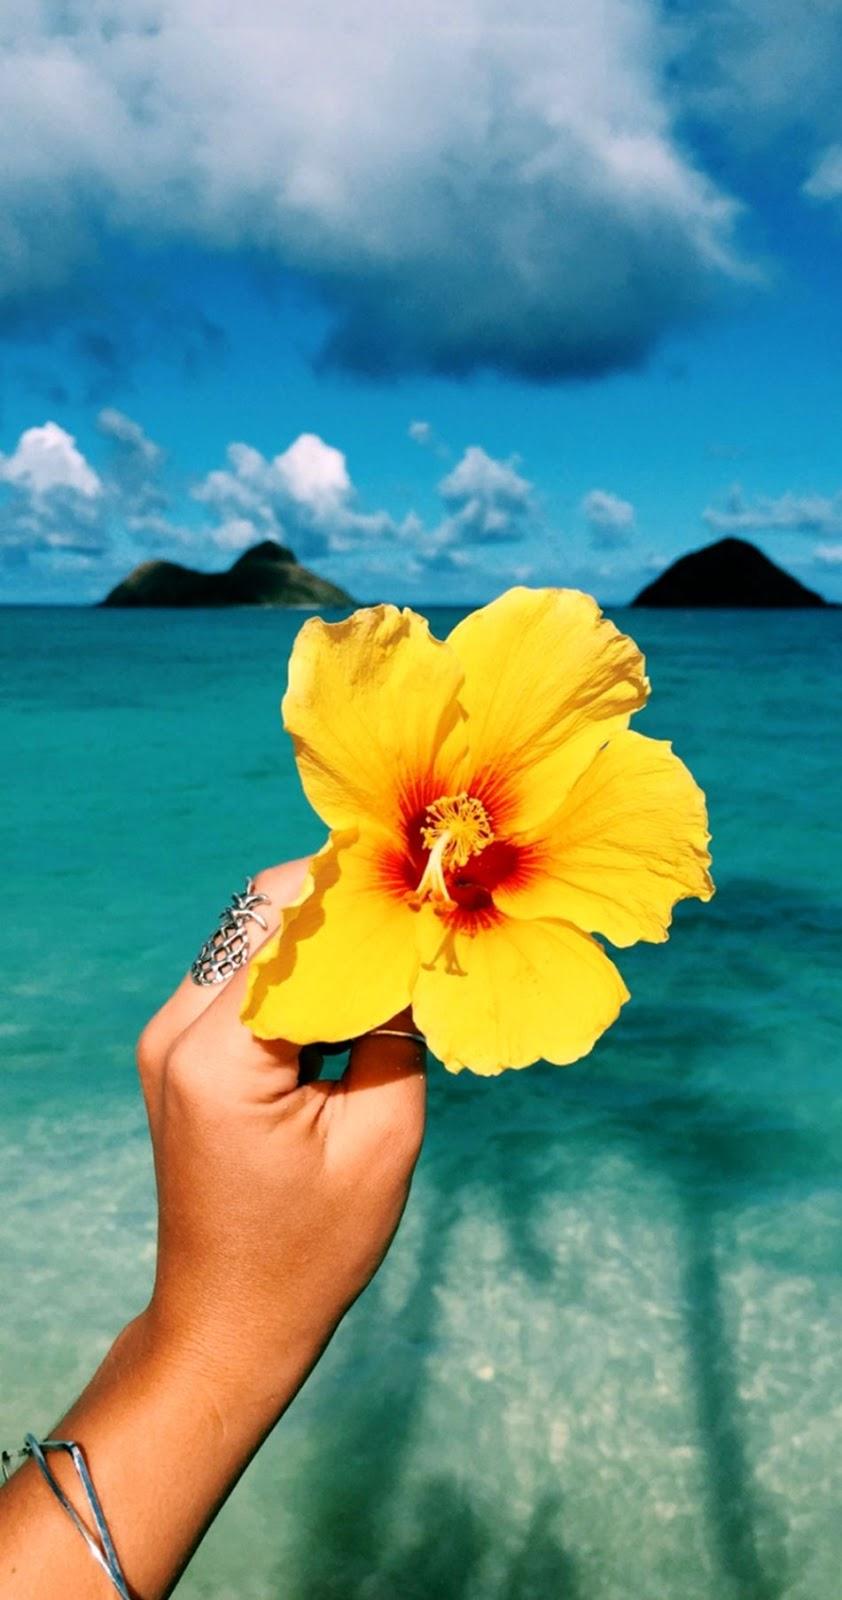 Tumblr Summer Wallpaper - Hawaii , HD Wallpaper & Backgrounds